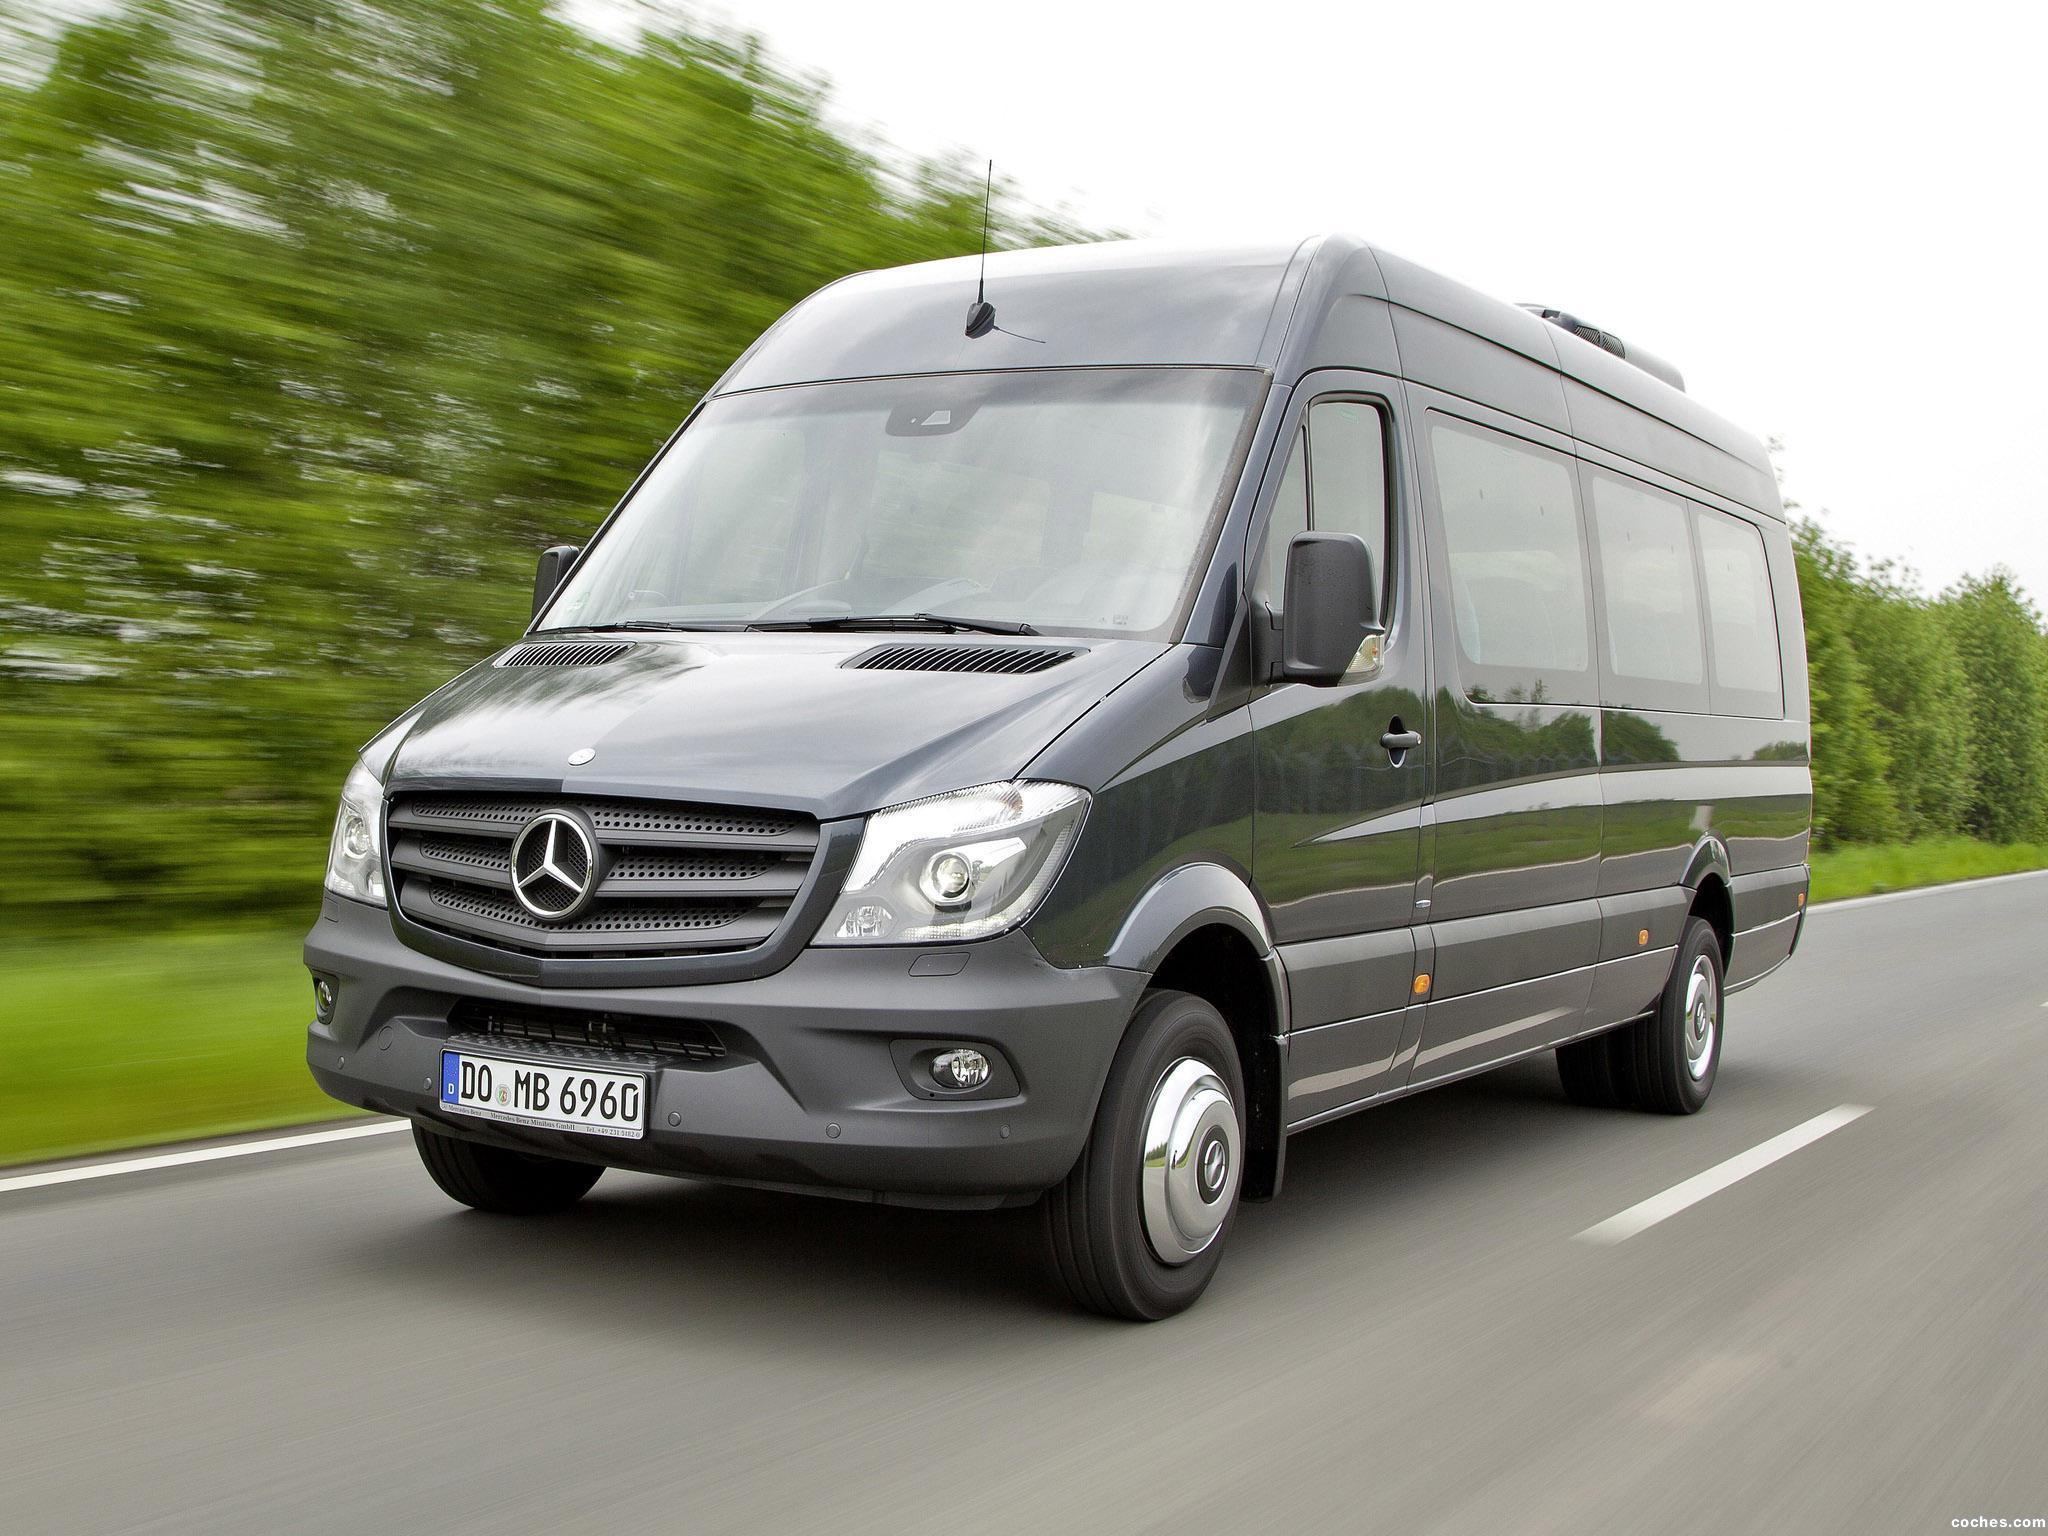 Foto 0 de Mercedes Sprinter Transfer 45 2014